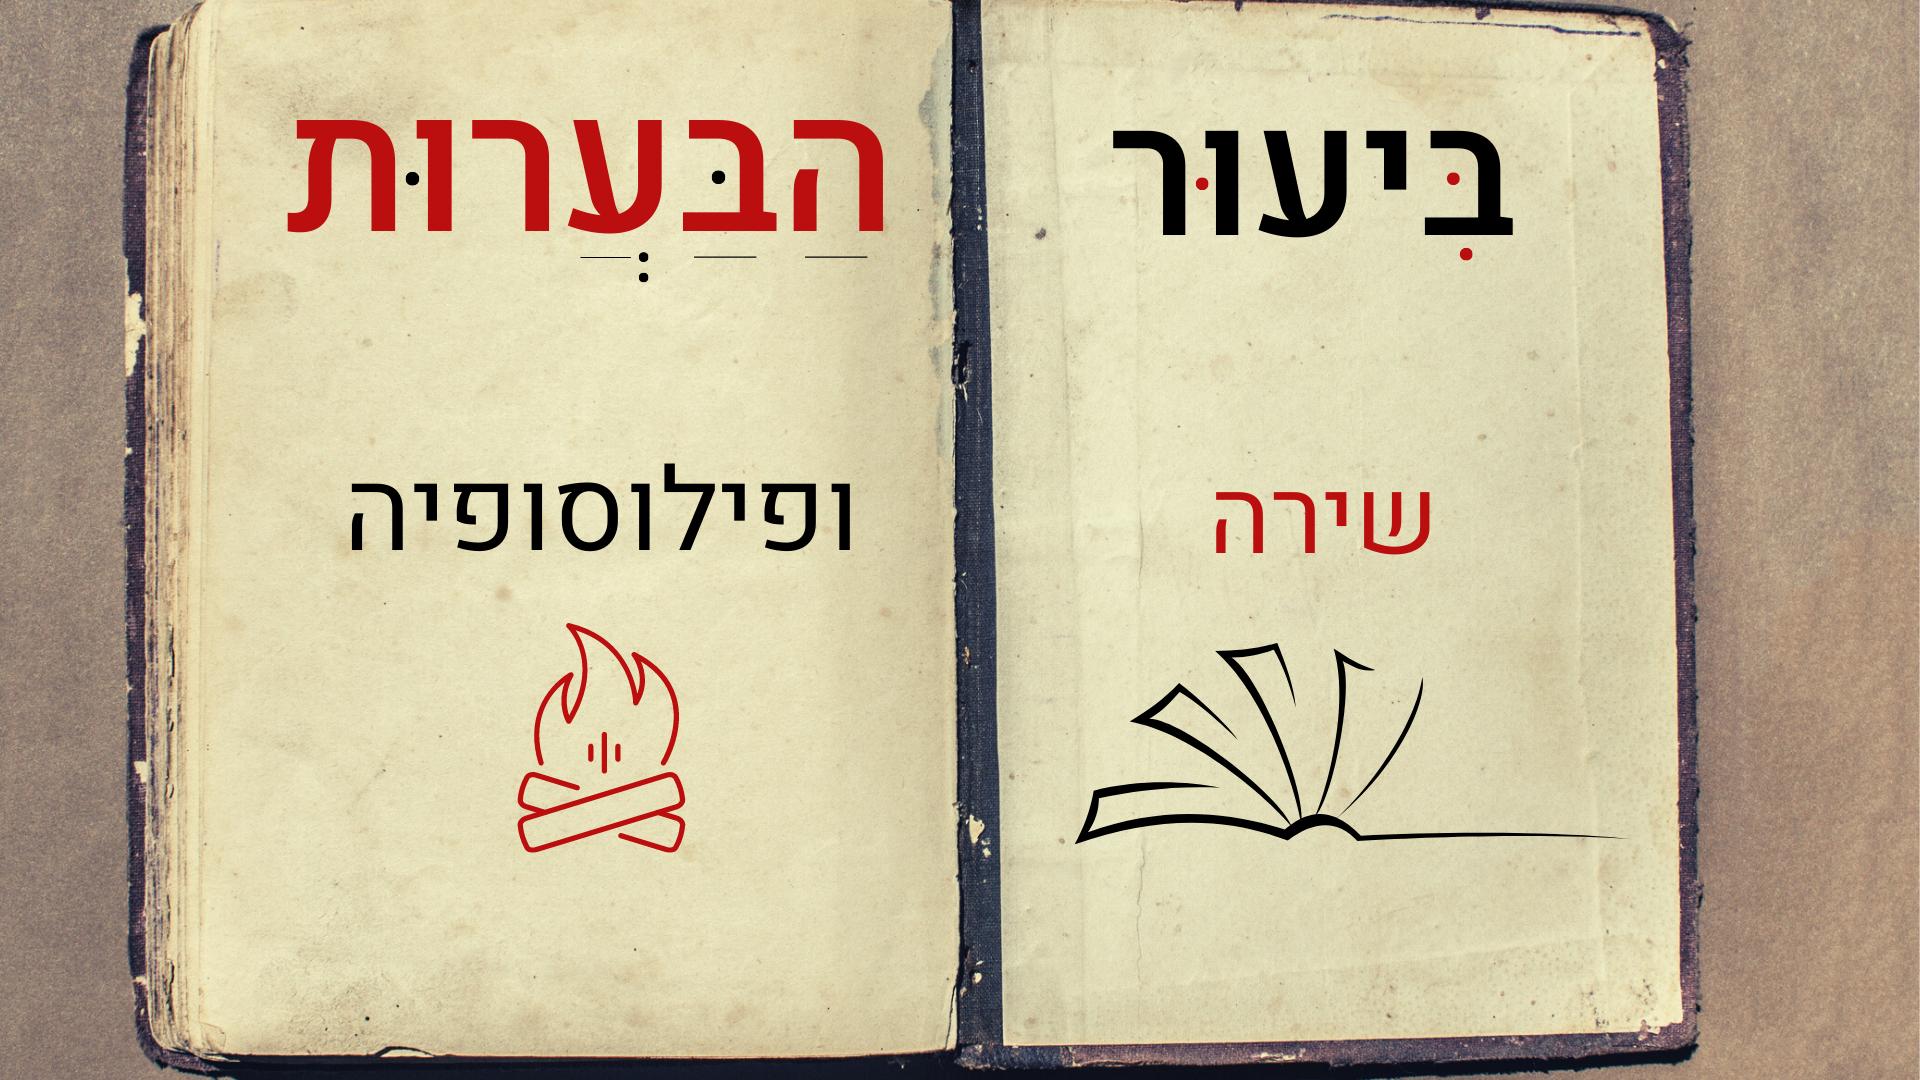 ביעור הבערות – יום הספרות הבינלאומי